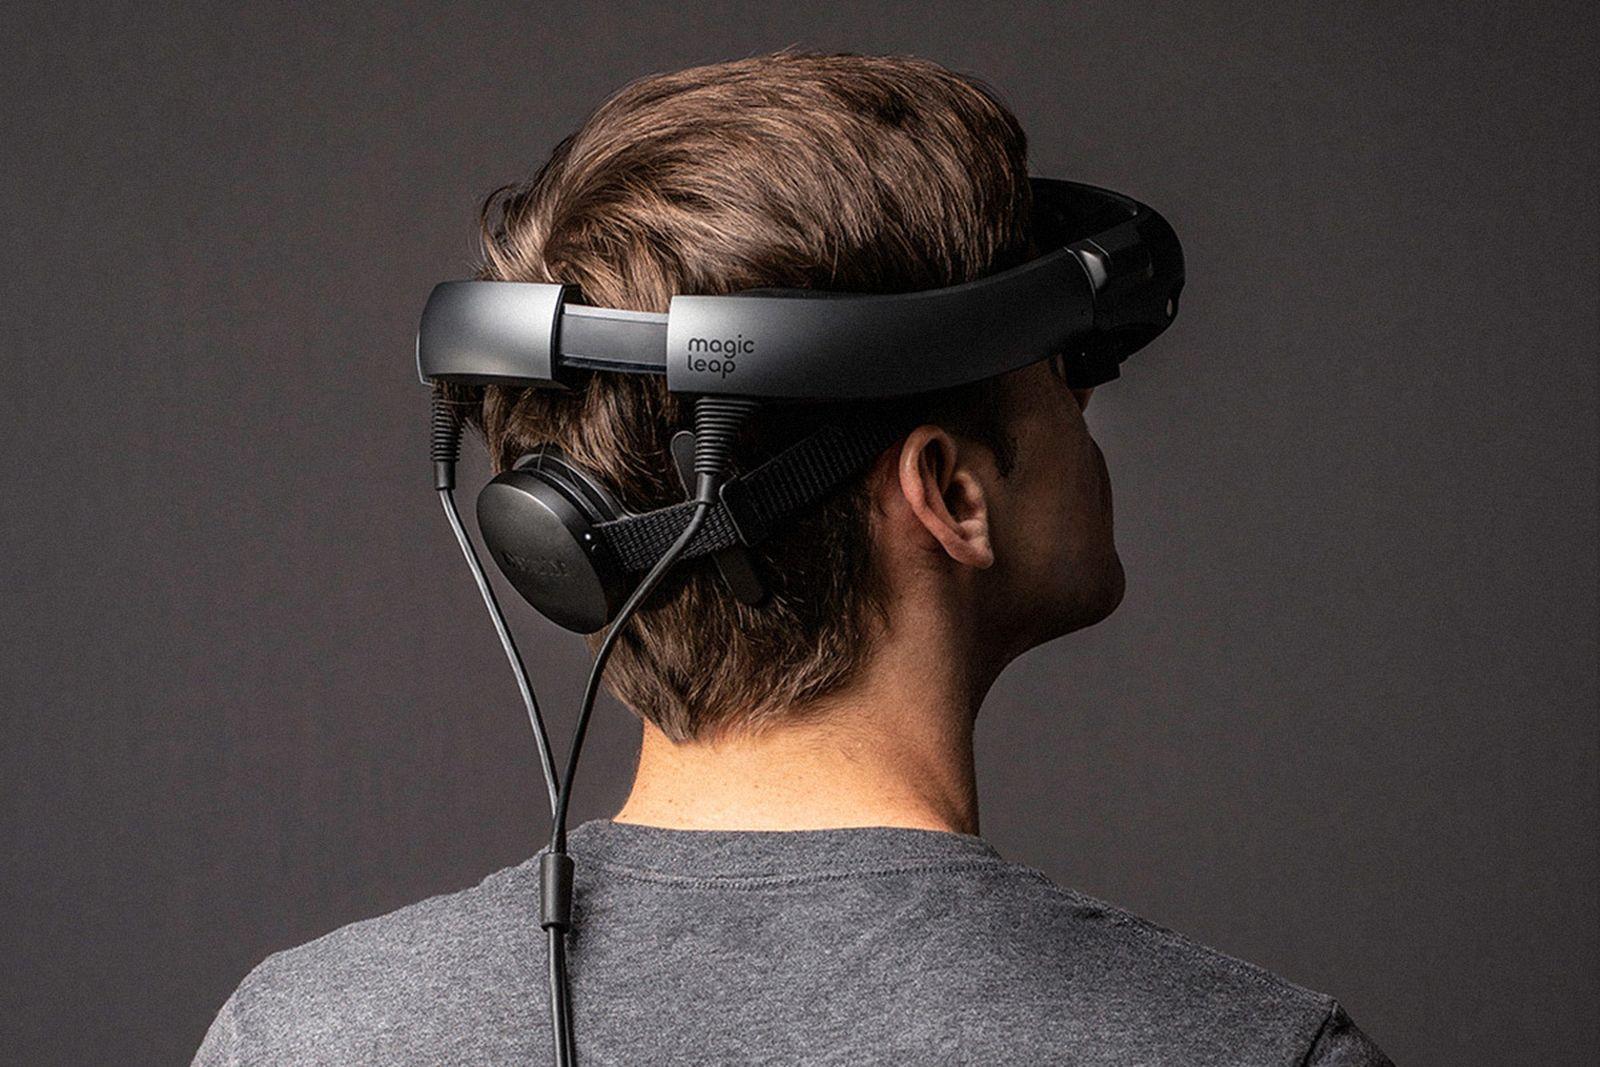 ces-2020-best-tech-gadgets-01